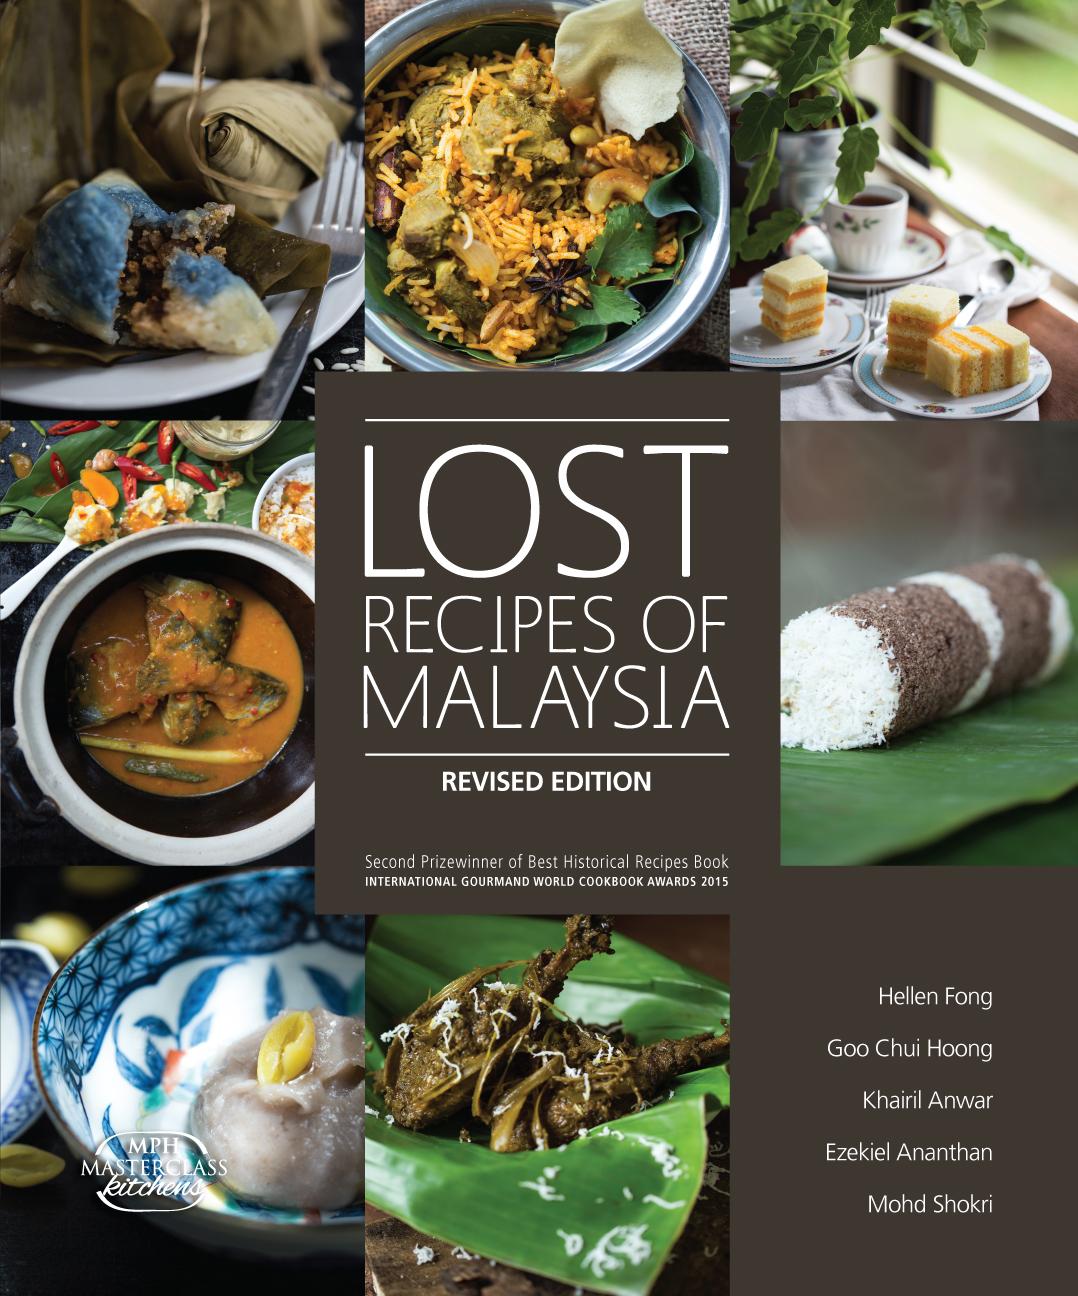 Lost-Recipe-front v2.jpg